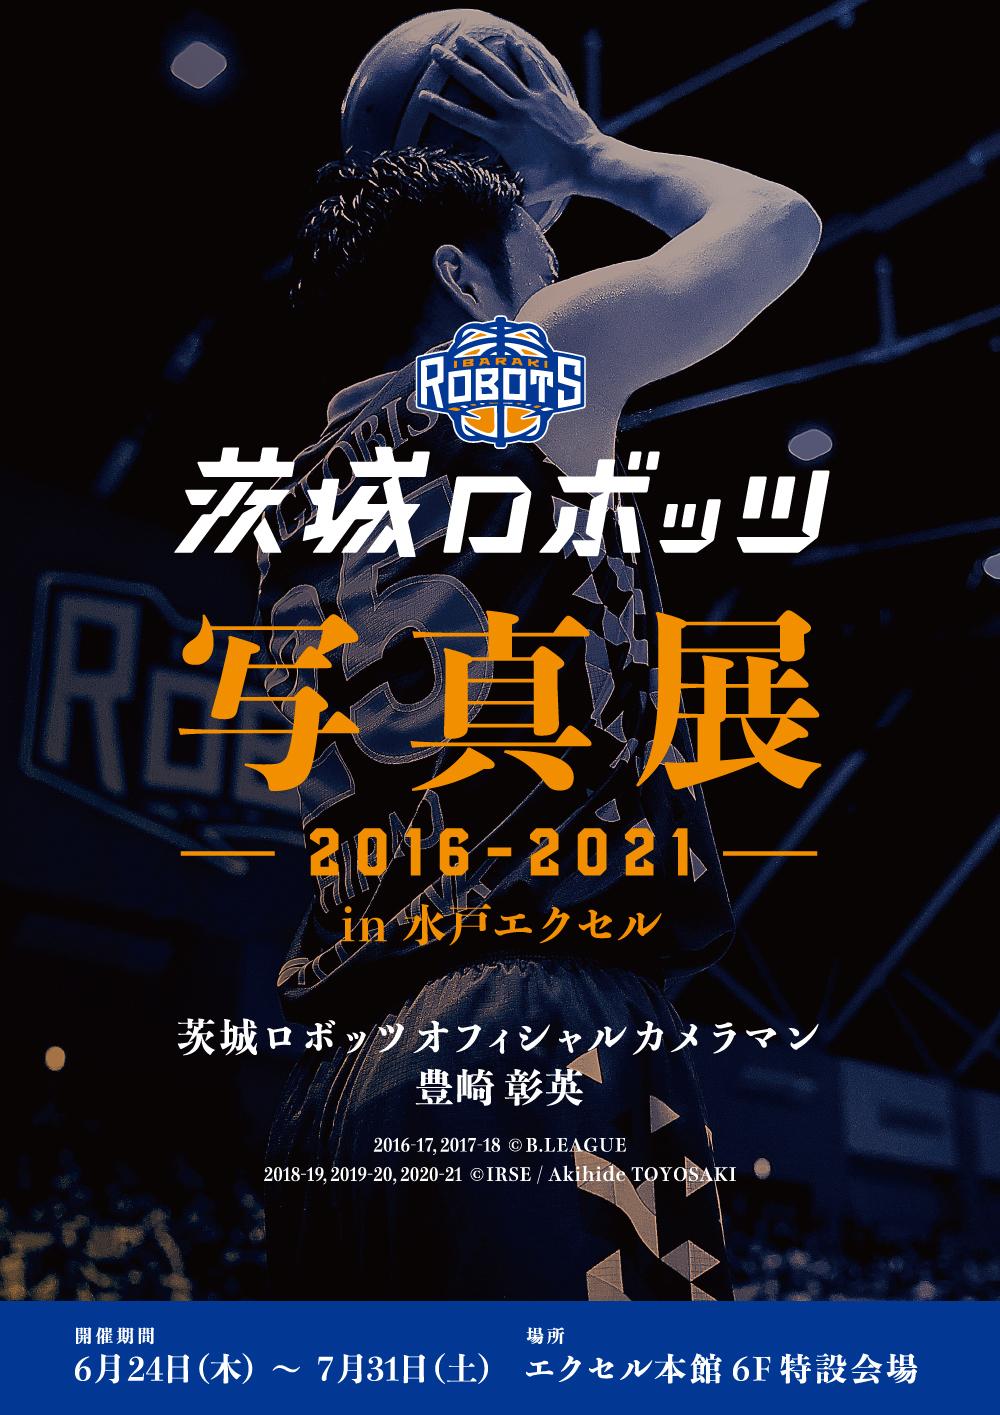 6/24から茨城ロボッツ写真展 2016-2021 in 水戸エクセル開催のお知らせ